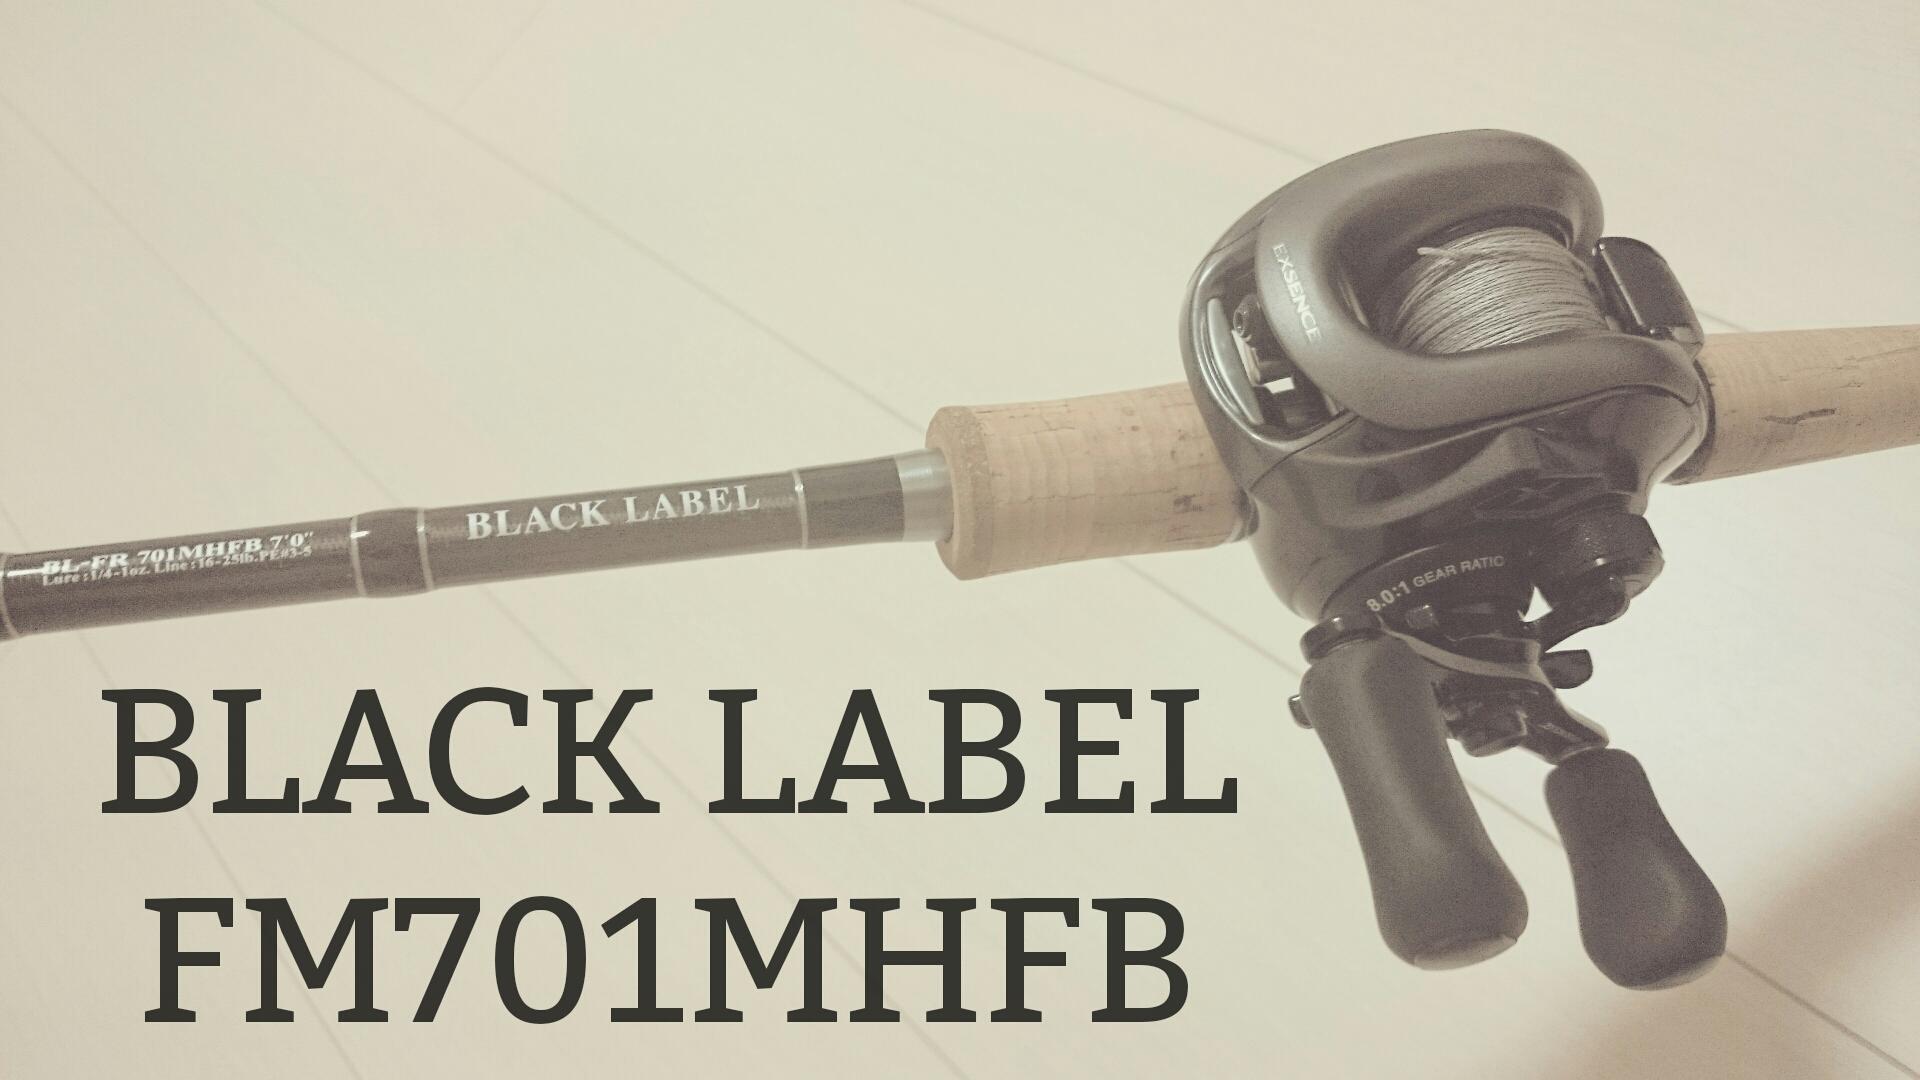 ブラックレーベル【FR701MHFB】というフロッグ&バーサタイルロッド。